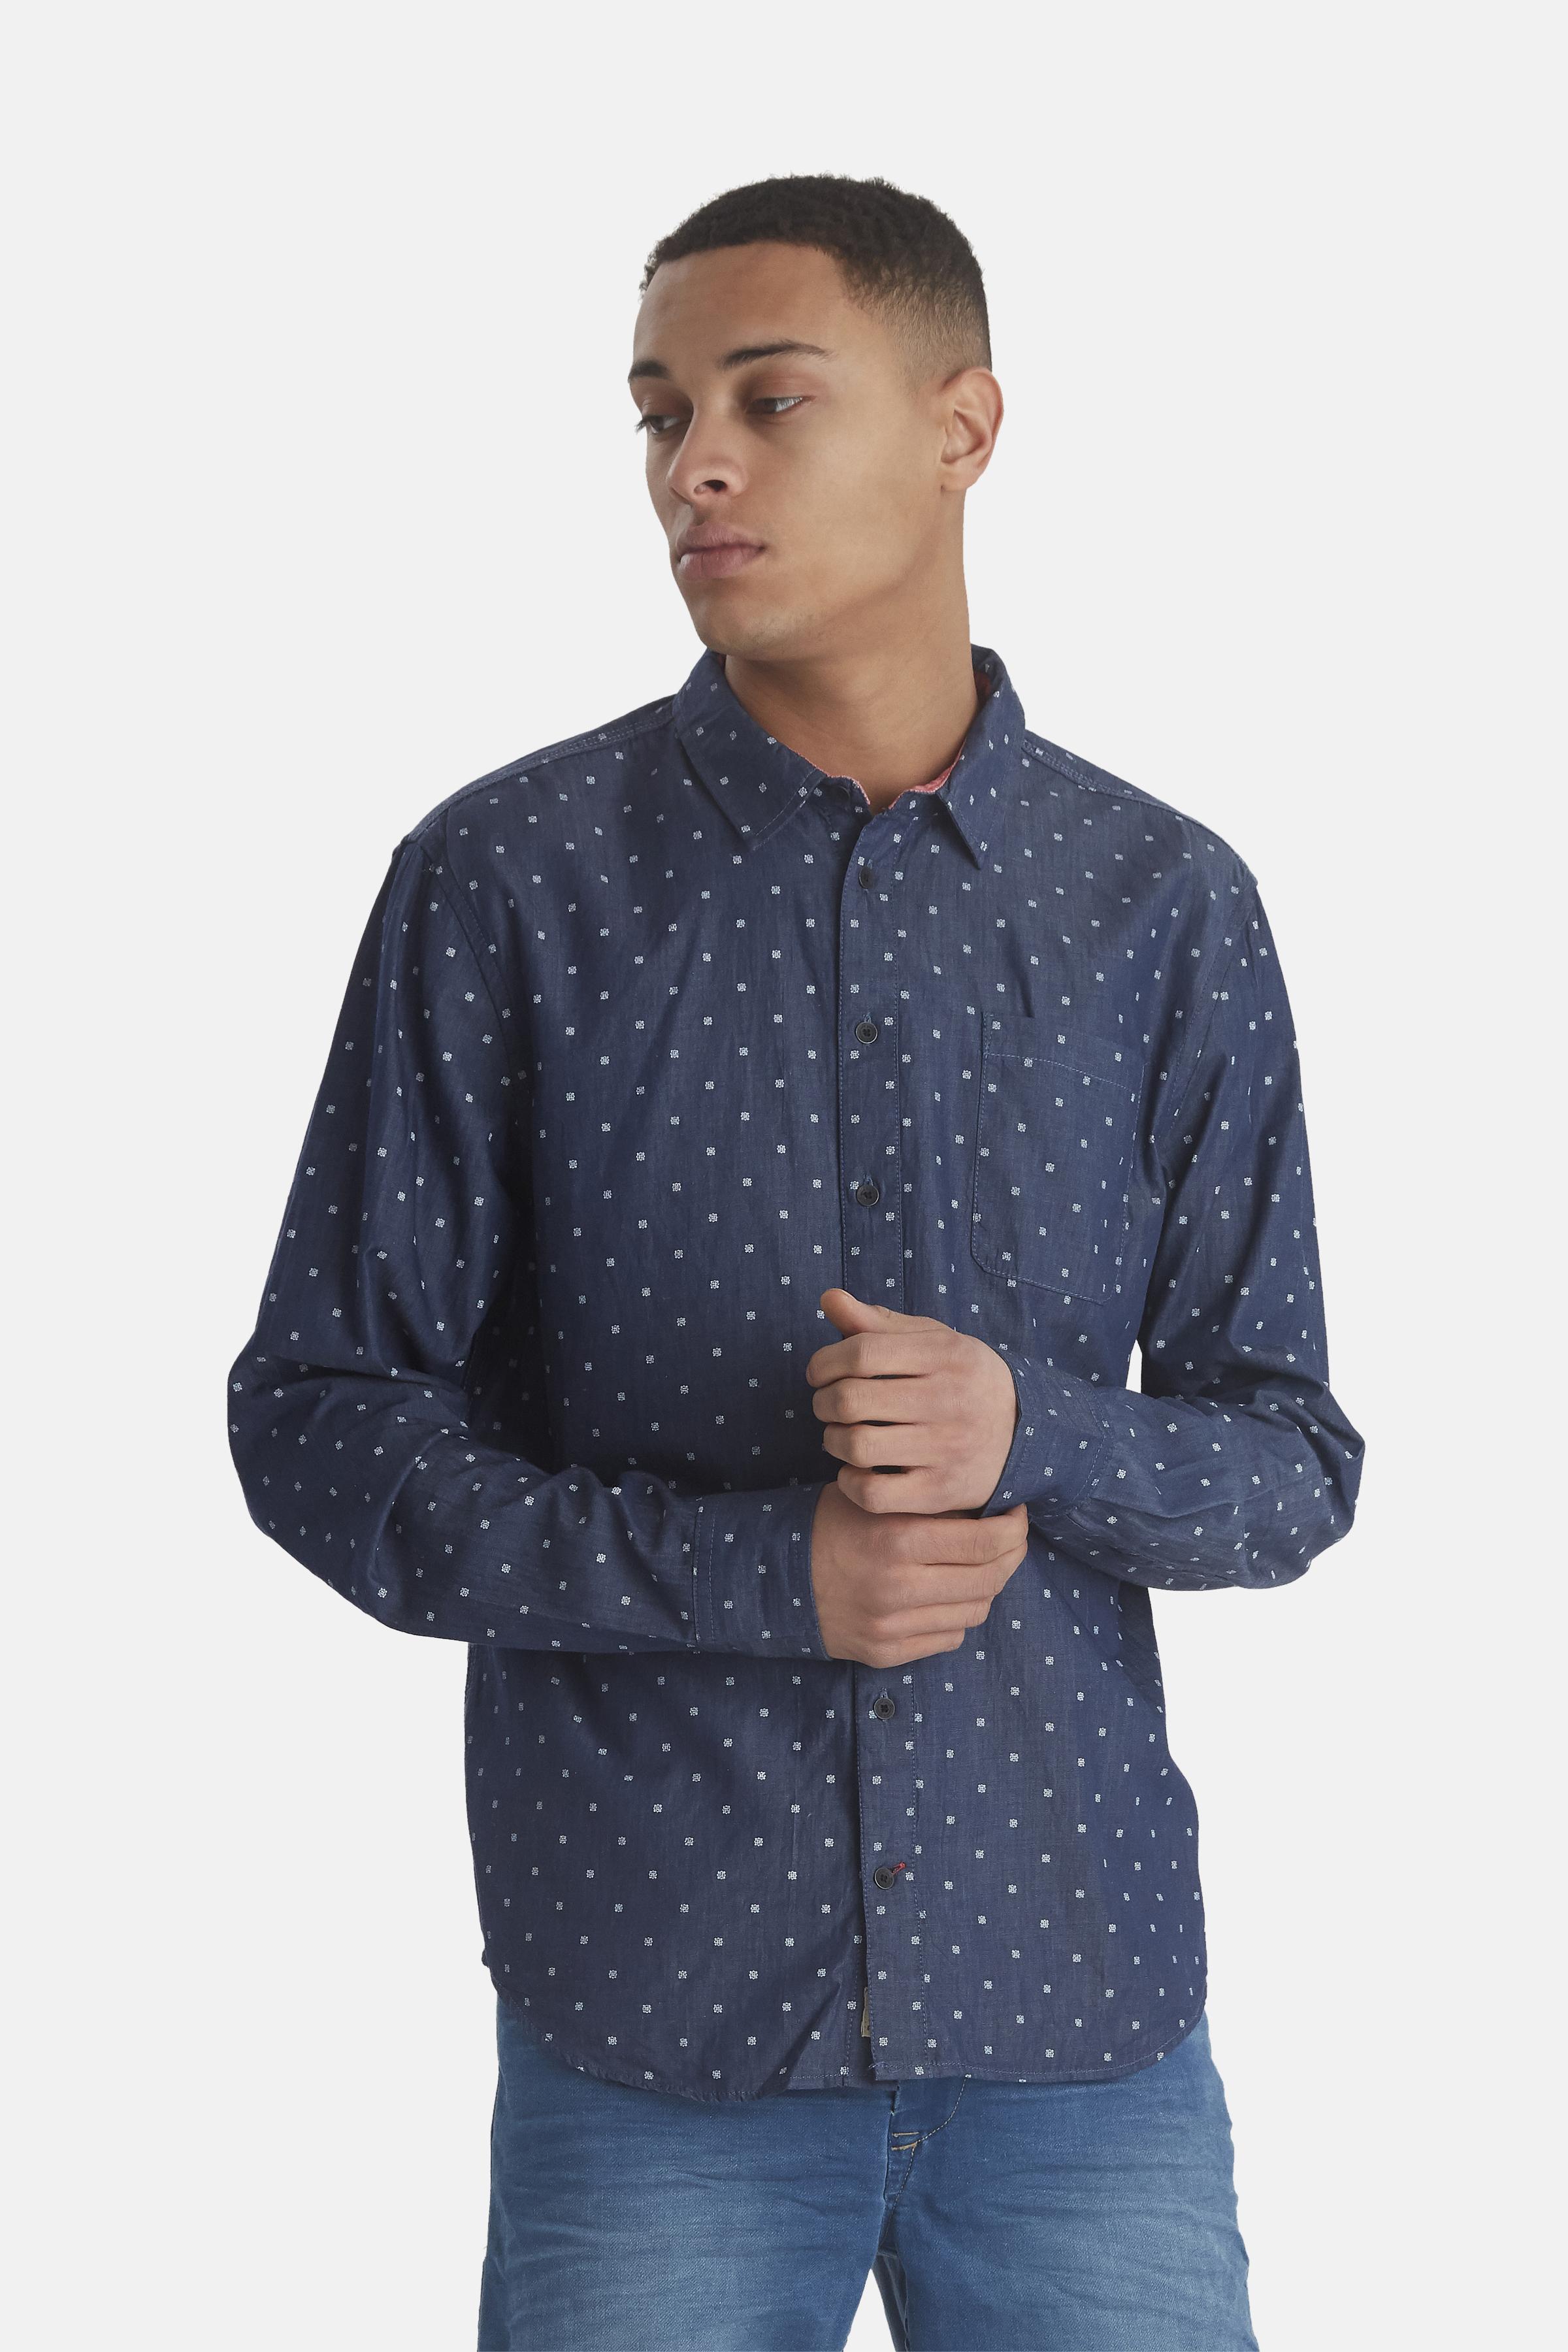 Denim Blue Langærmet skjorte – Køb Denim Blue Langærmet skjorte fra str. M-XXL her